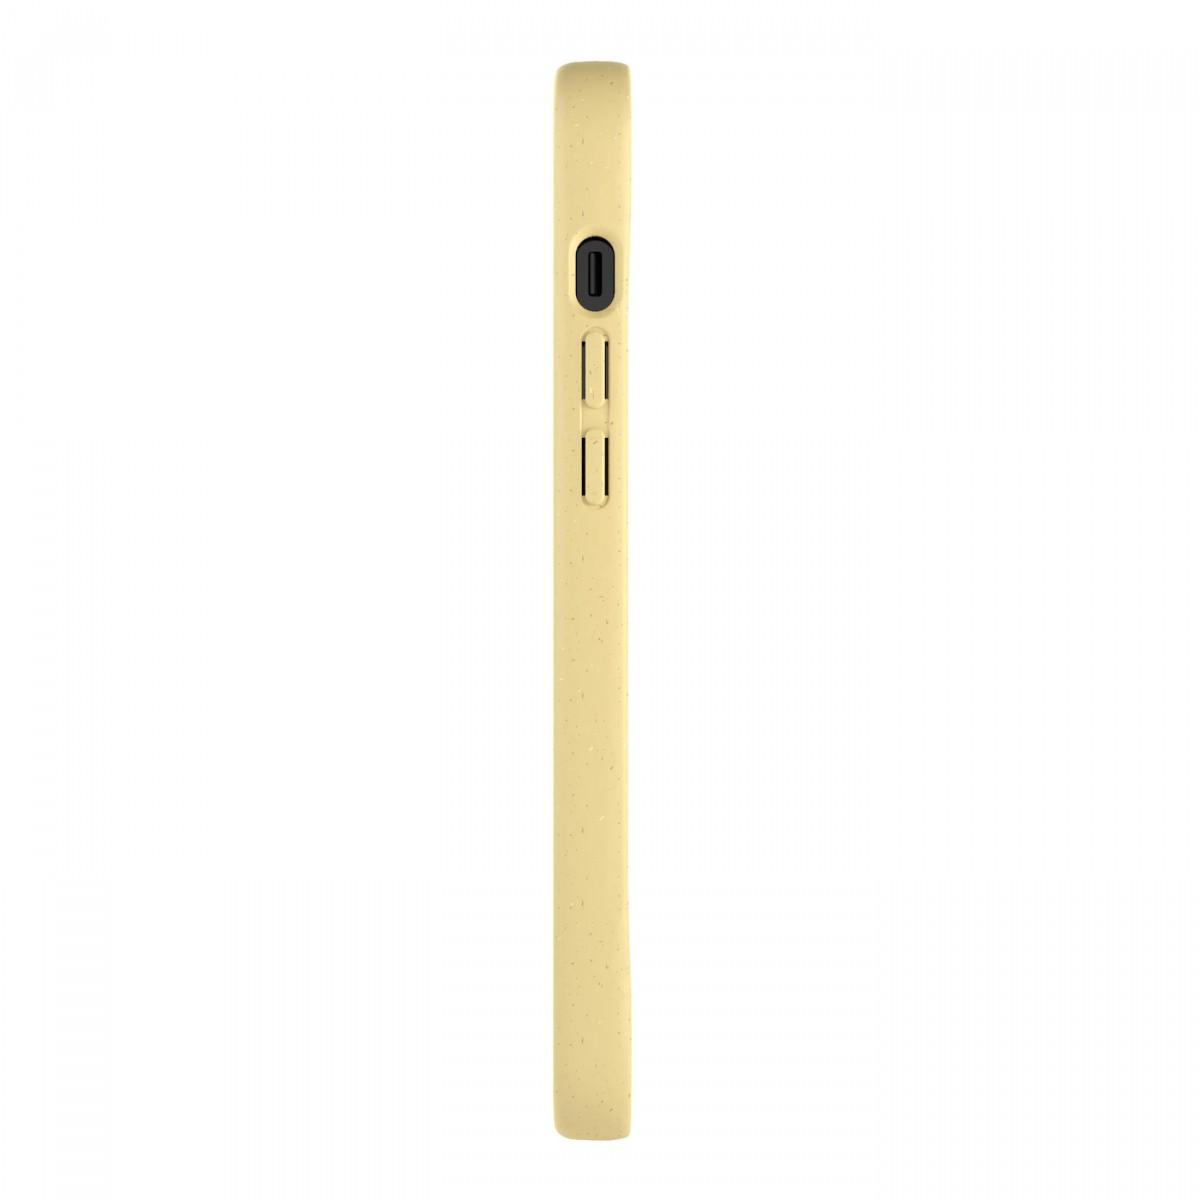 Woodcessoires – Nachhaltige iPhone Hülle aus Bio-Material für iPhone 12 / Mini / Pro / Pro Max (zitrusgelb)